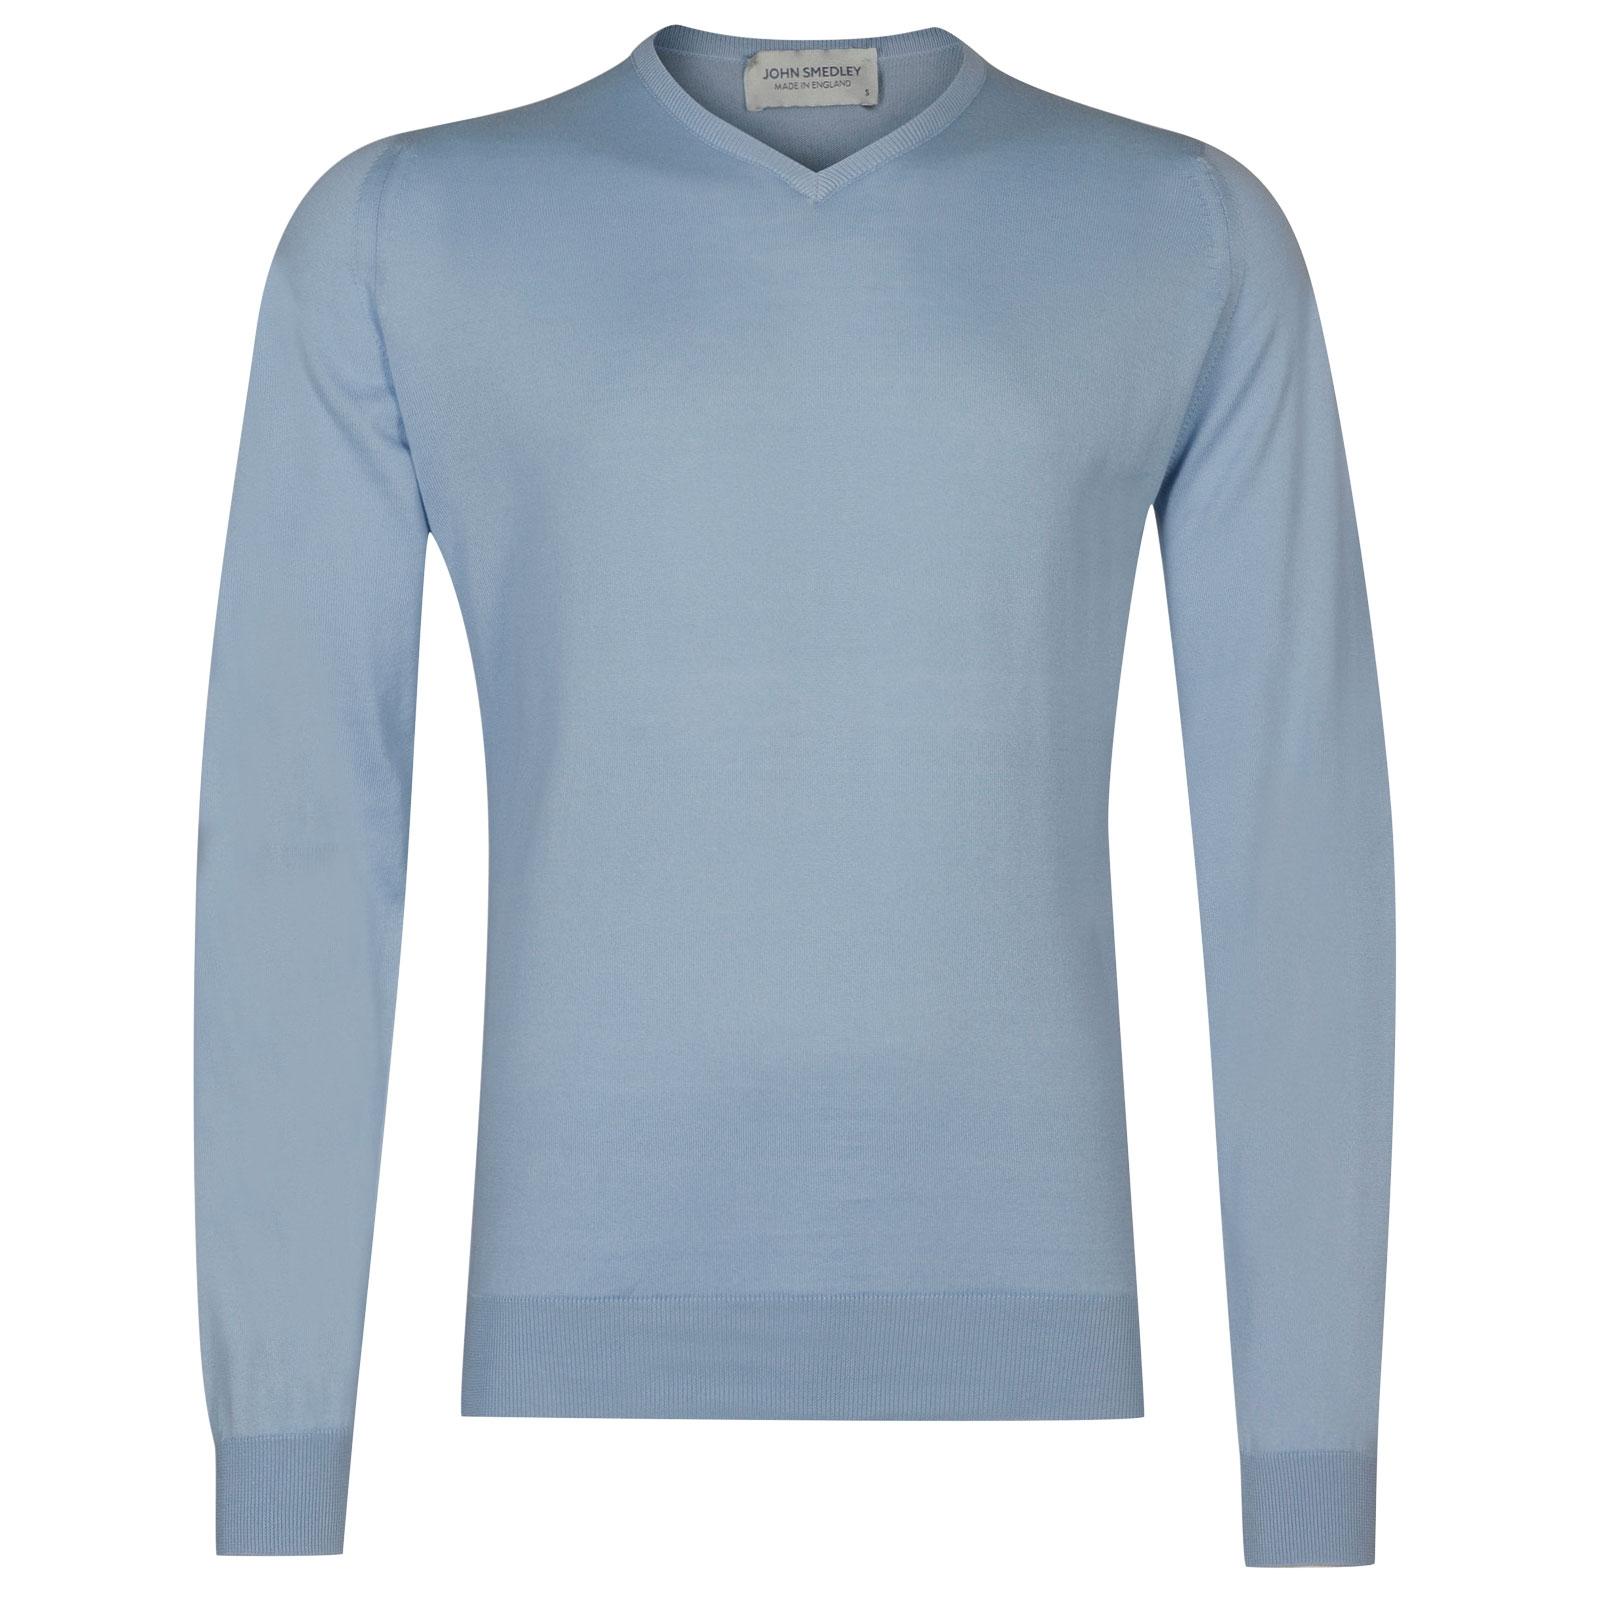 John Smedley Aydon in Dusk Blue Pullover-XLG